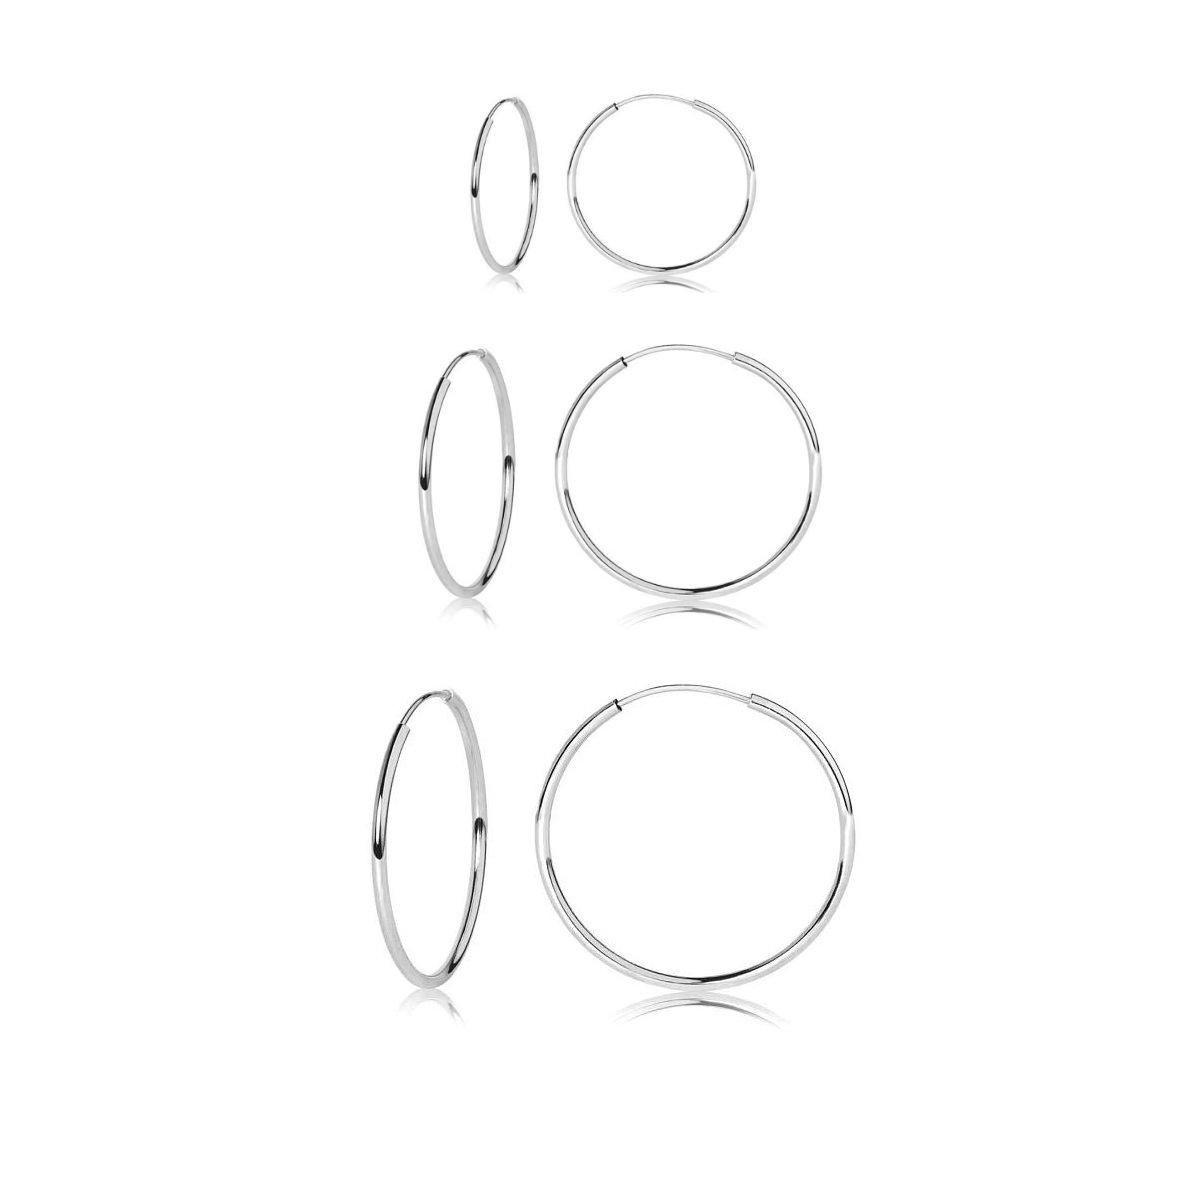 Sterling Silver Endless Round Unisex Hoop Earrings, Set of 3 Pairs 18mm 20mm 25mm